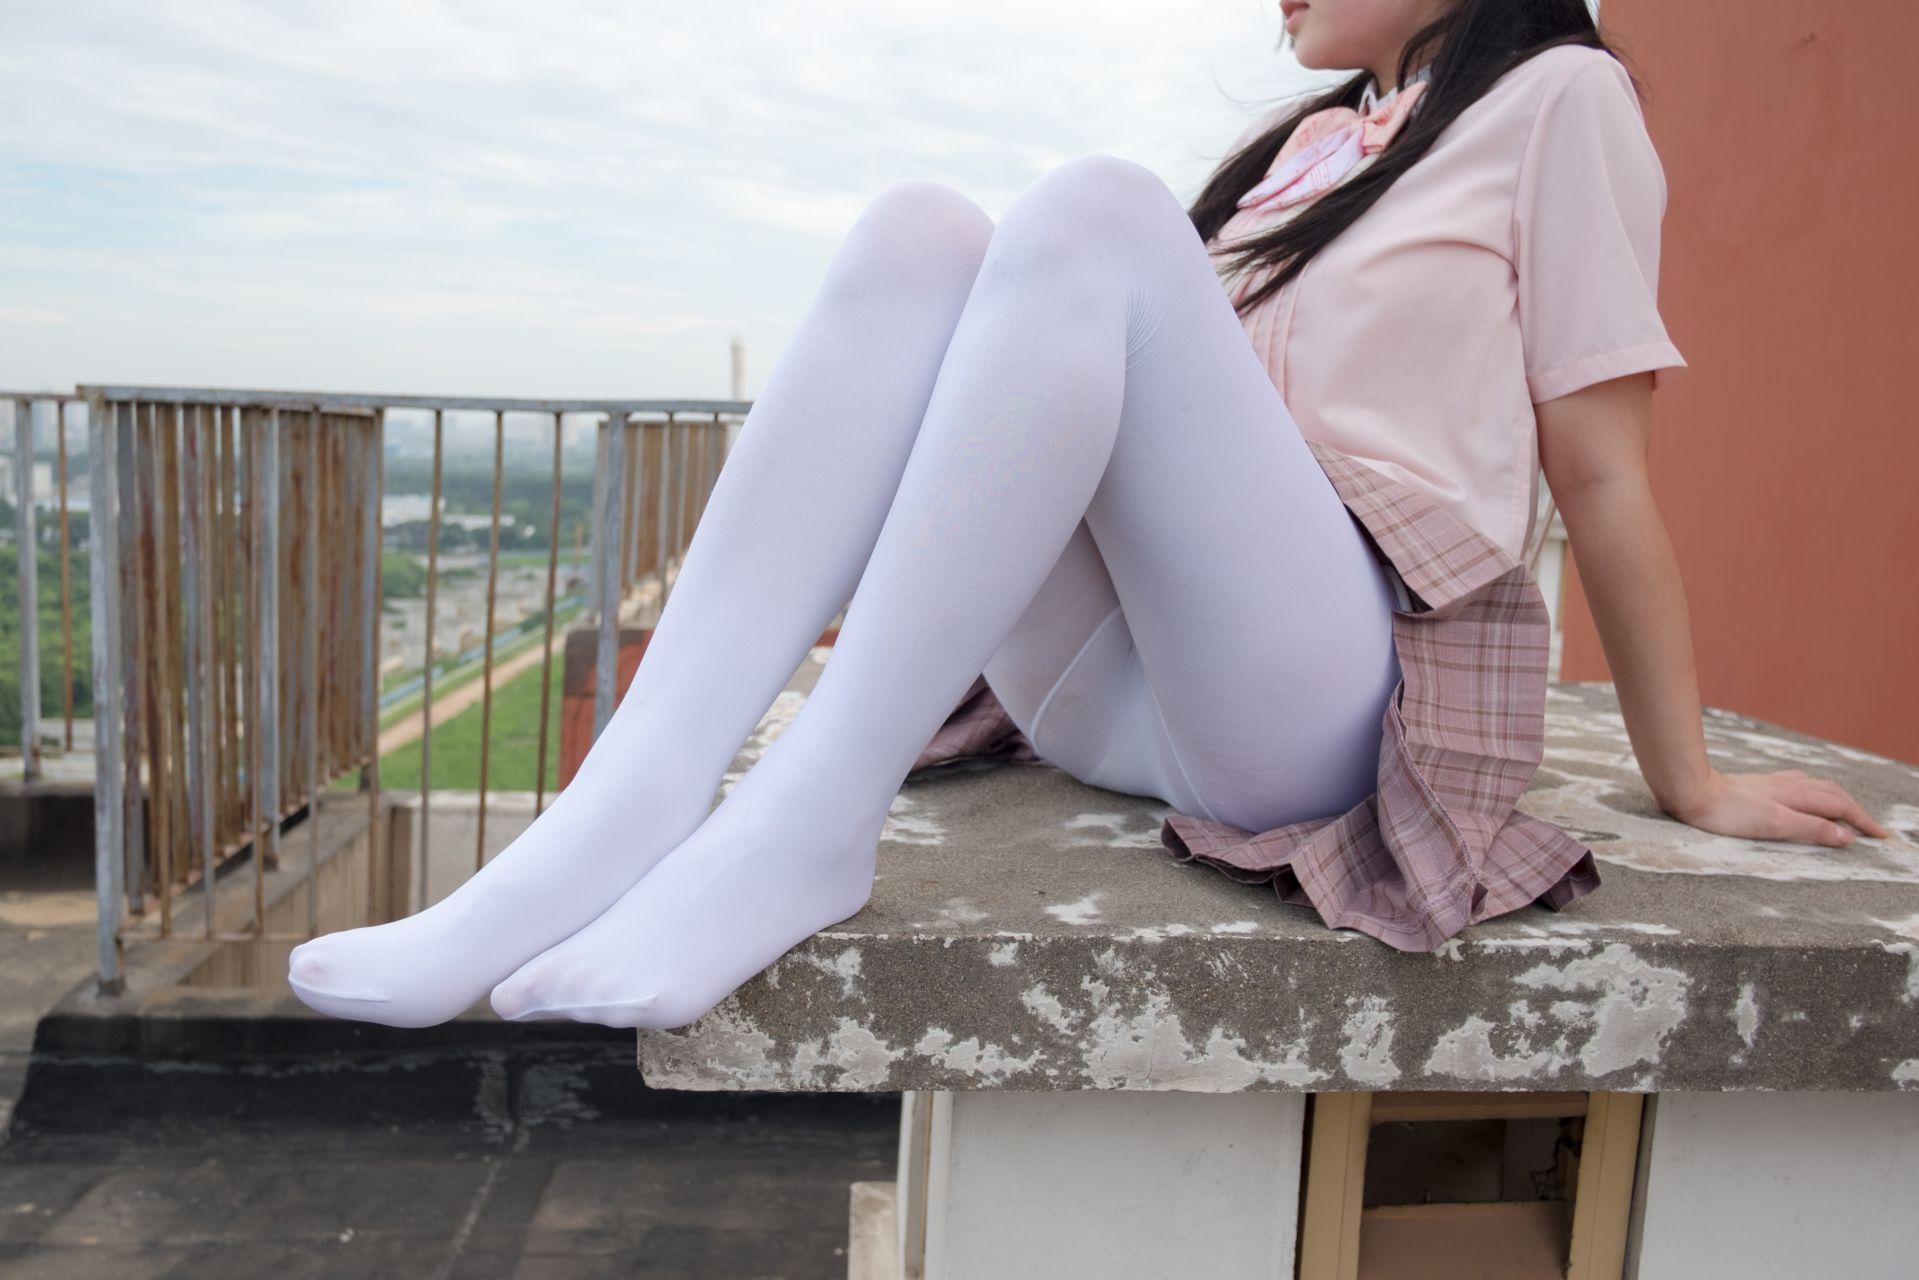 【森萝财团】森萝财团写真 - [BETA-001] 高中生的户外白丝 [91P-514MB] BETA系列 第2张